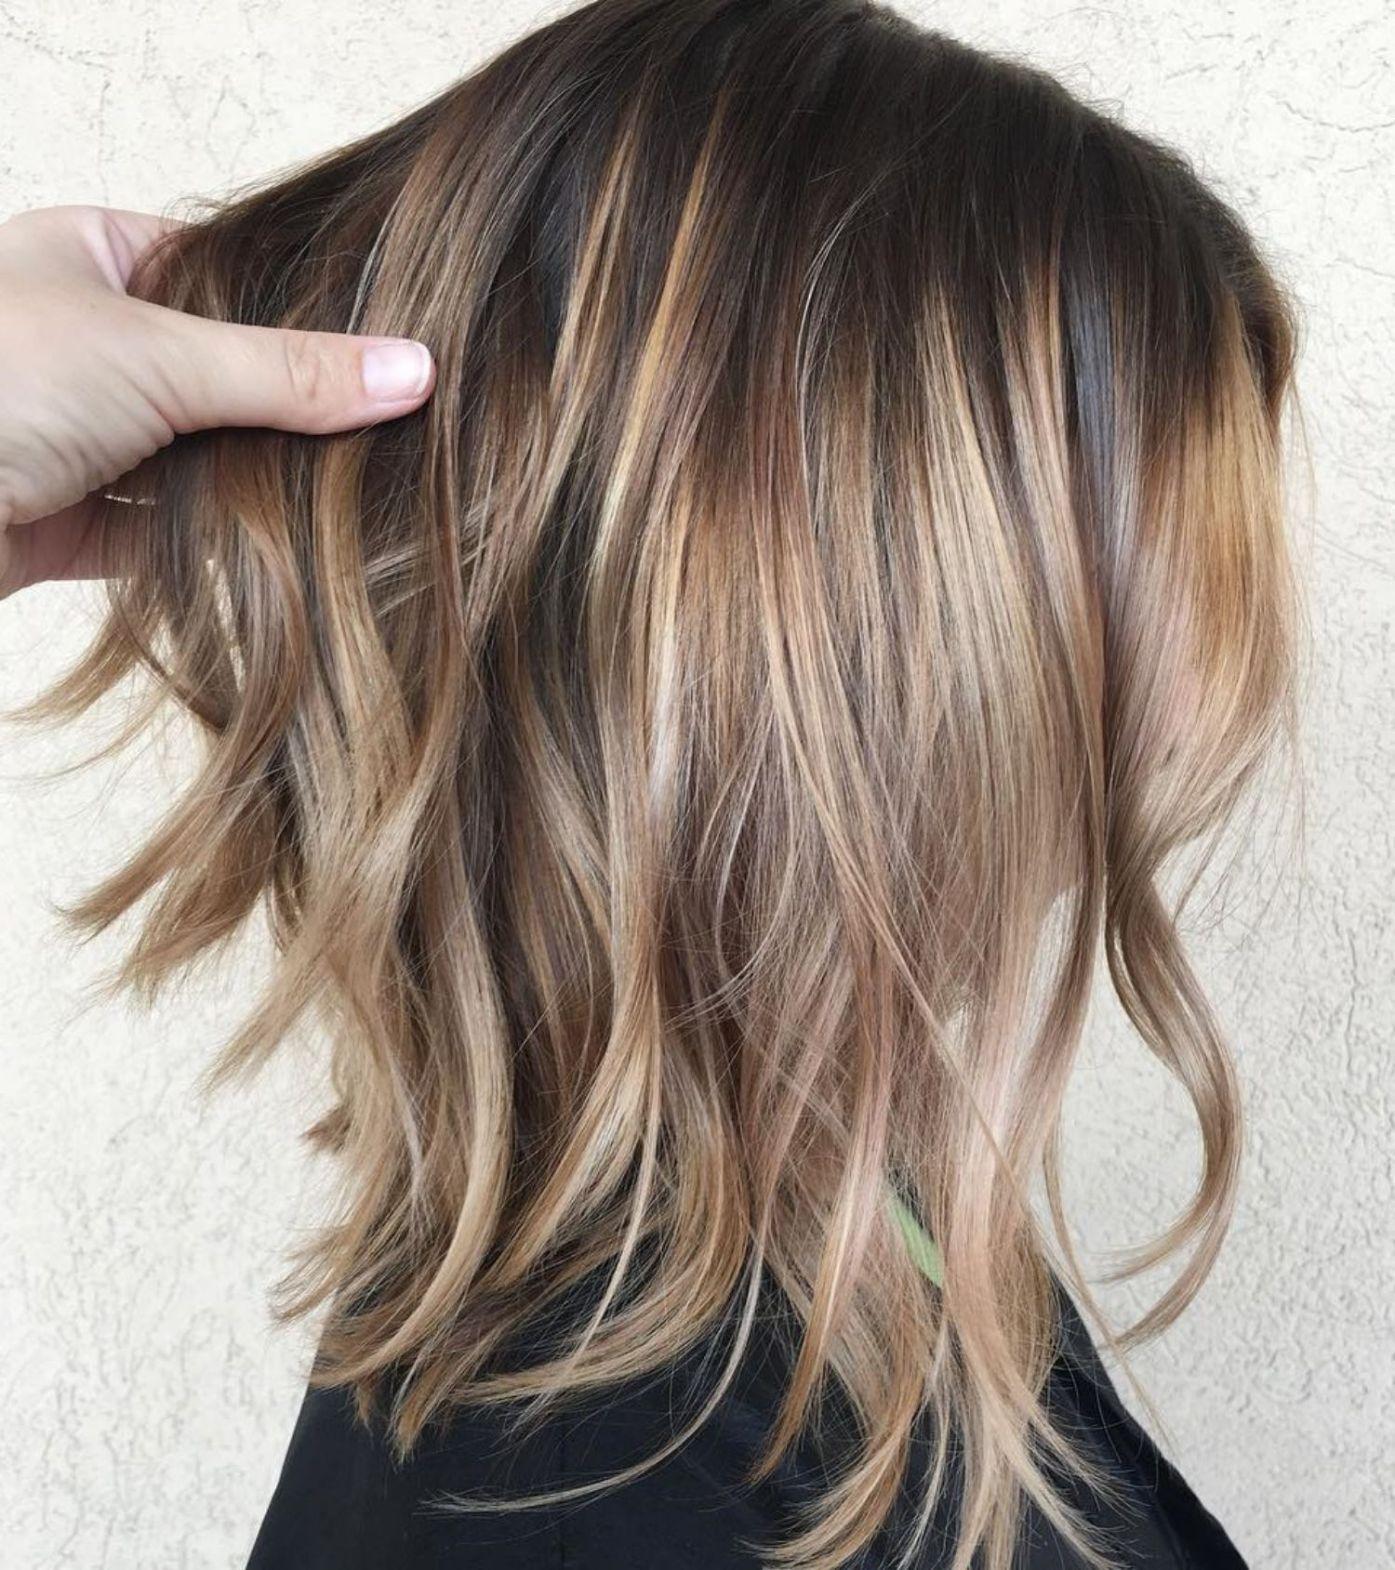 12 Perfect Medium Length Hairstyles for Thin Hair   Thin hair ...